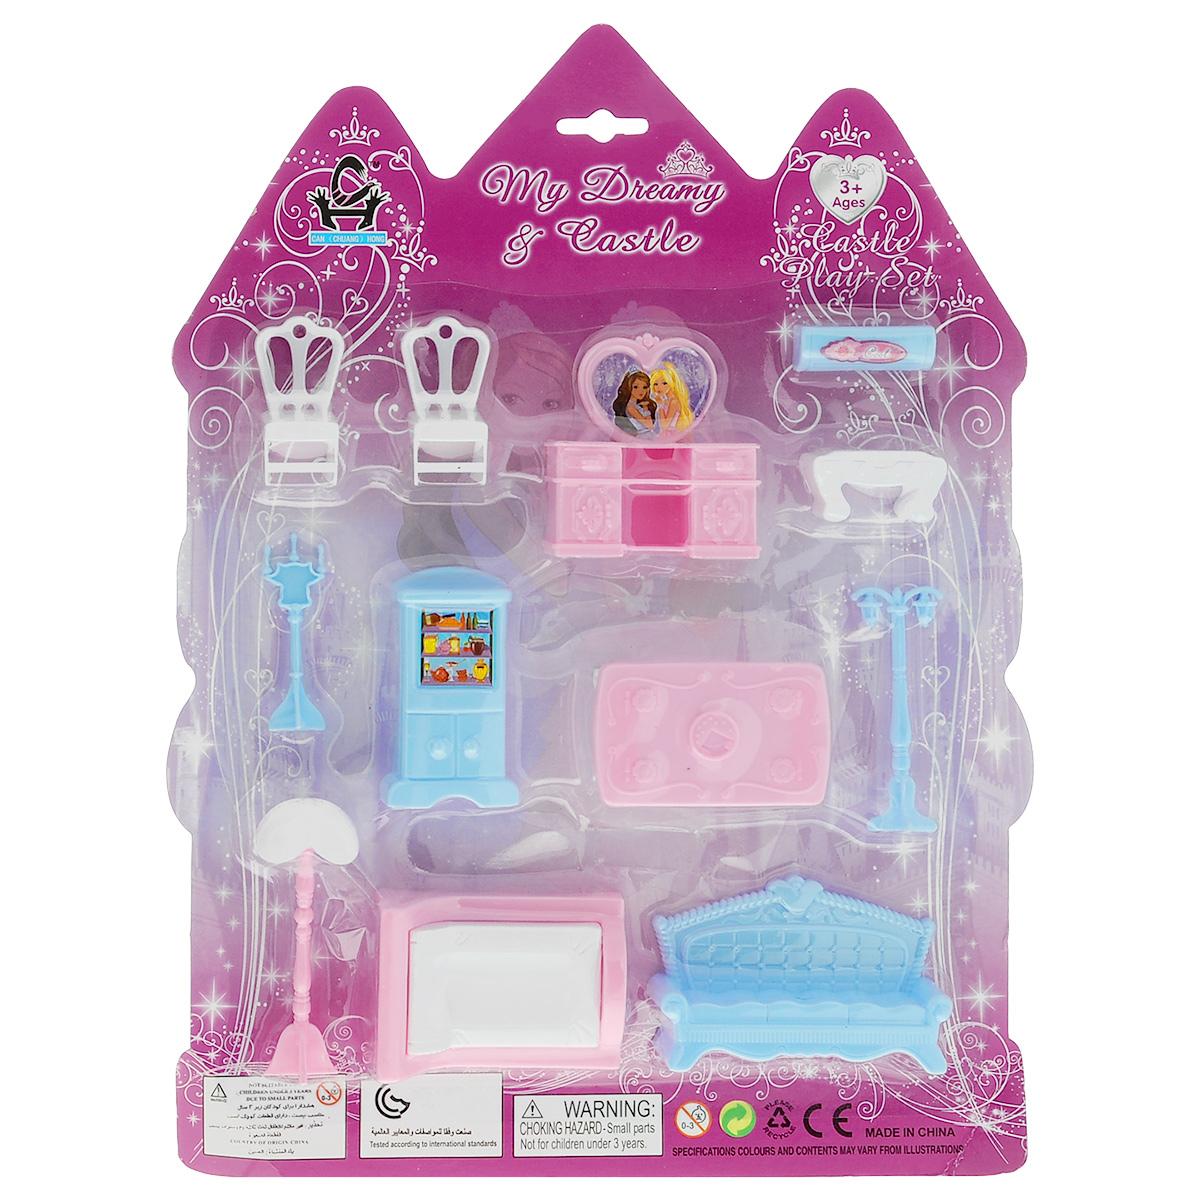 Игровой набор Набор мебели. Замок, 12 предметов. 627333627333Набор мебели. Замок - это замечательный игровой набор, который станет отличным подарком для вашего ребенка. Придумывая множество ситуаций ребенок весело и интересно проведет время. Детали сделаны из качественного и прочного пластика розового, белого и сиреневого цветов. Игра с таким набором способствует развитию детского воображения, мелкой моторики рук и фантазии. Набор состоит из 12 предметов.